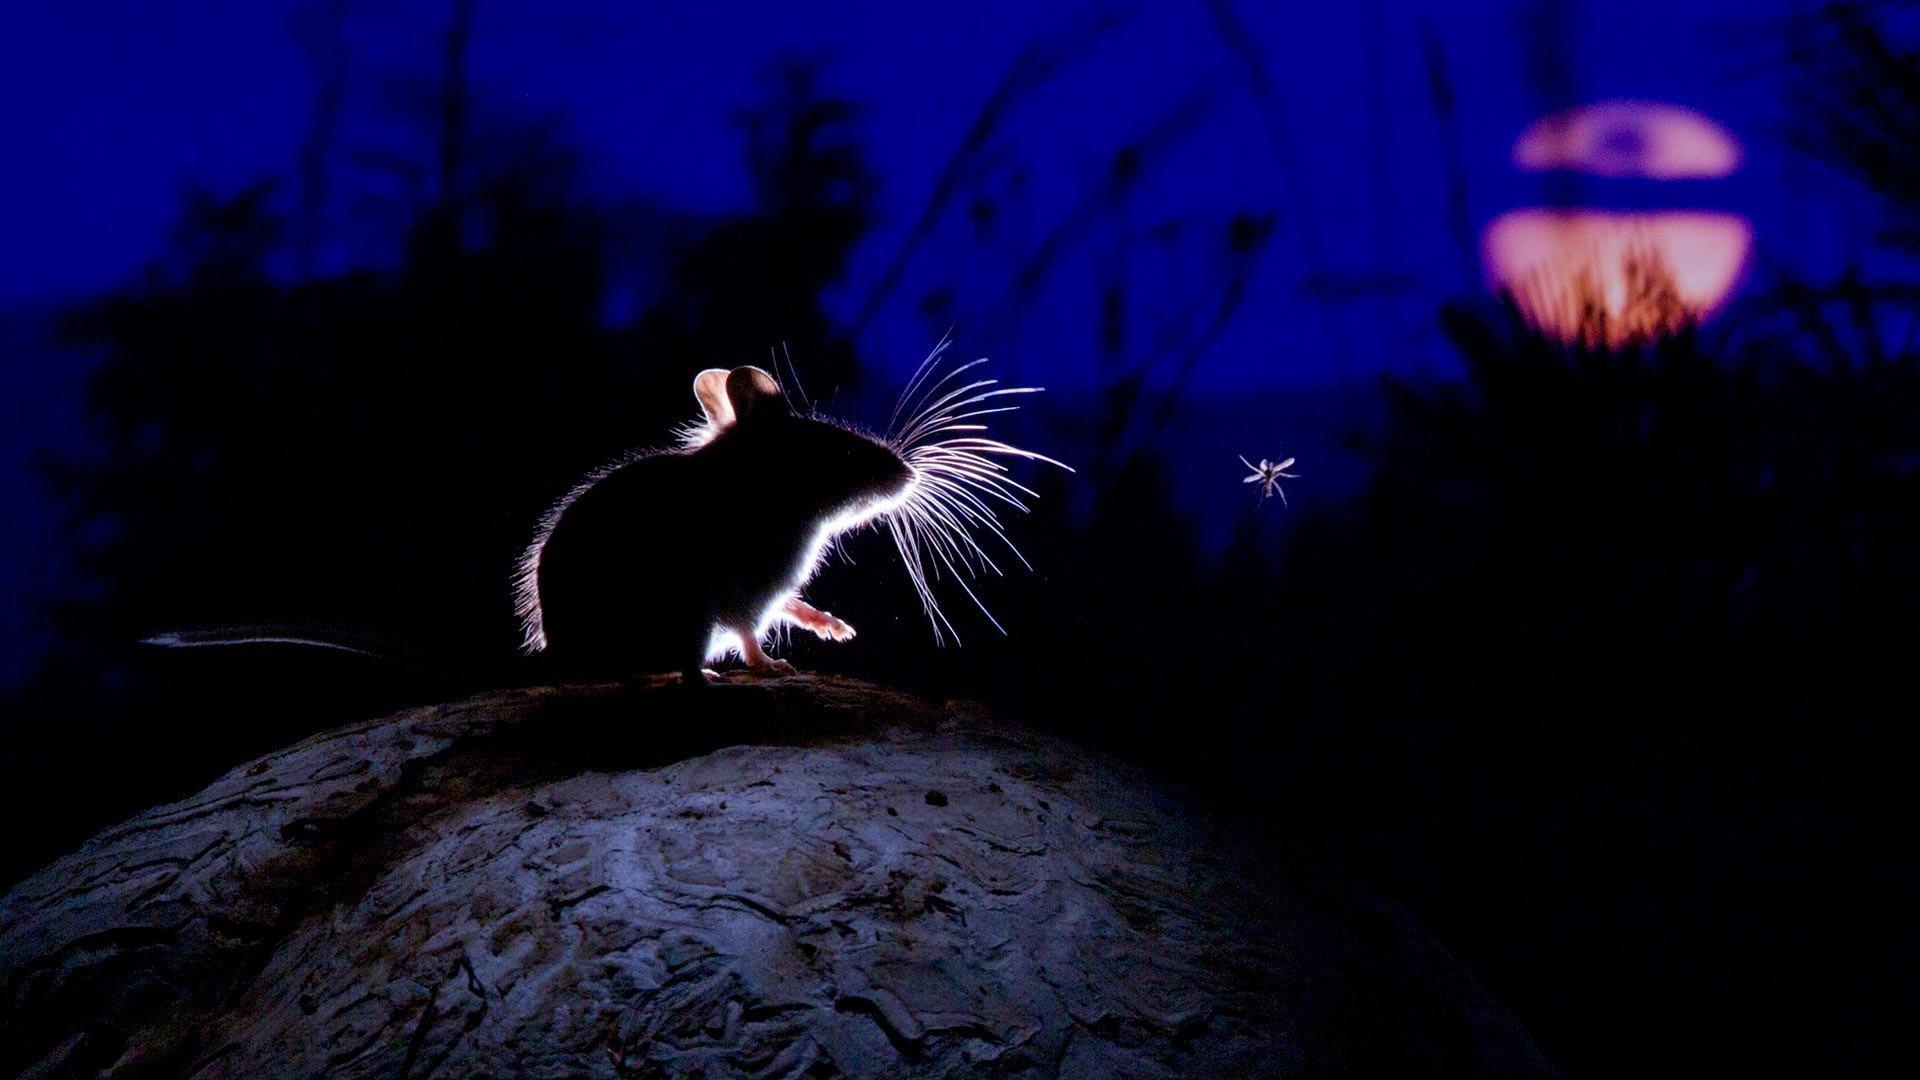 У мышей обнаружили нейронный путь развития депрессии от ночного освещения